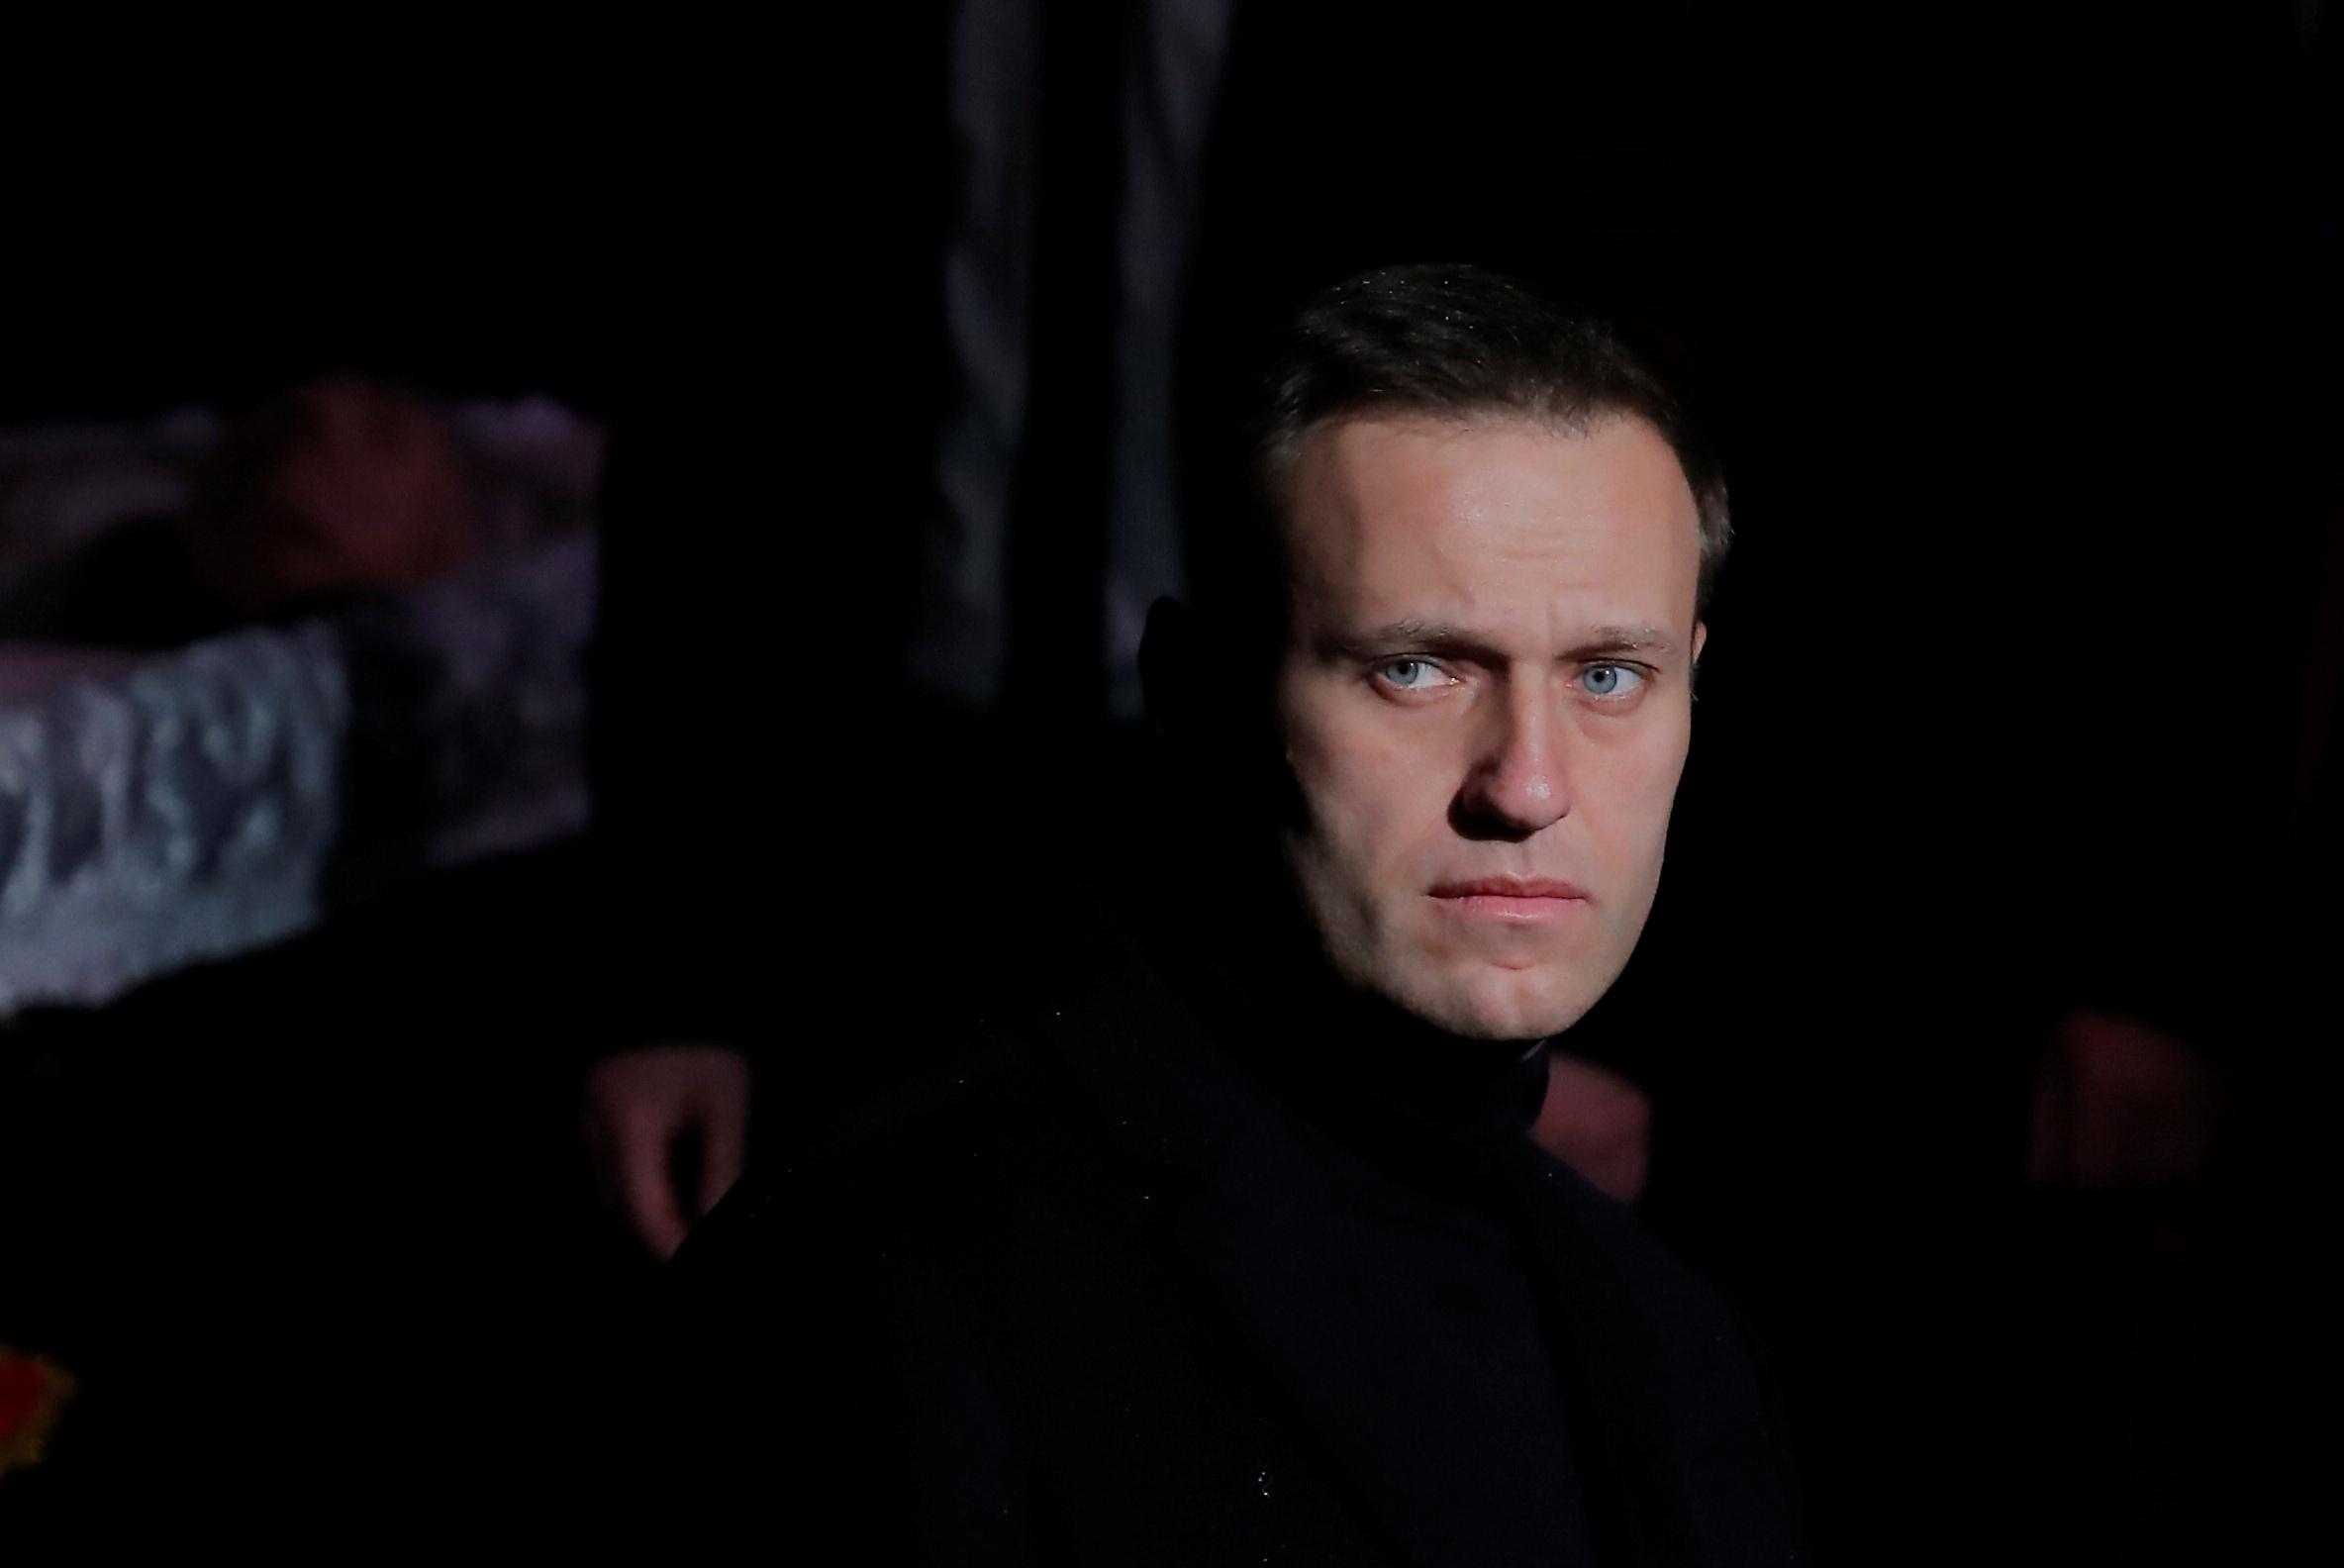 navalny-doit-etre-protege-estime-le-gouvernement-allemand